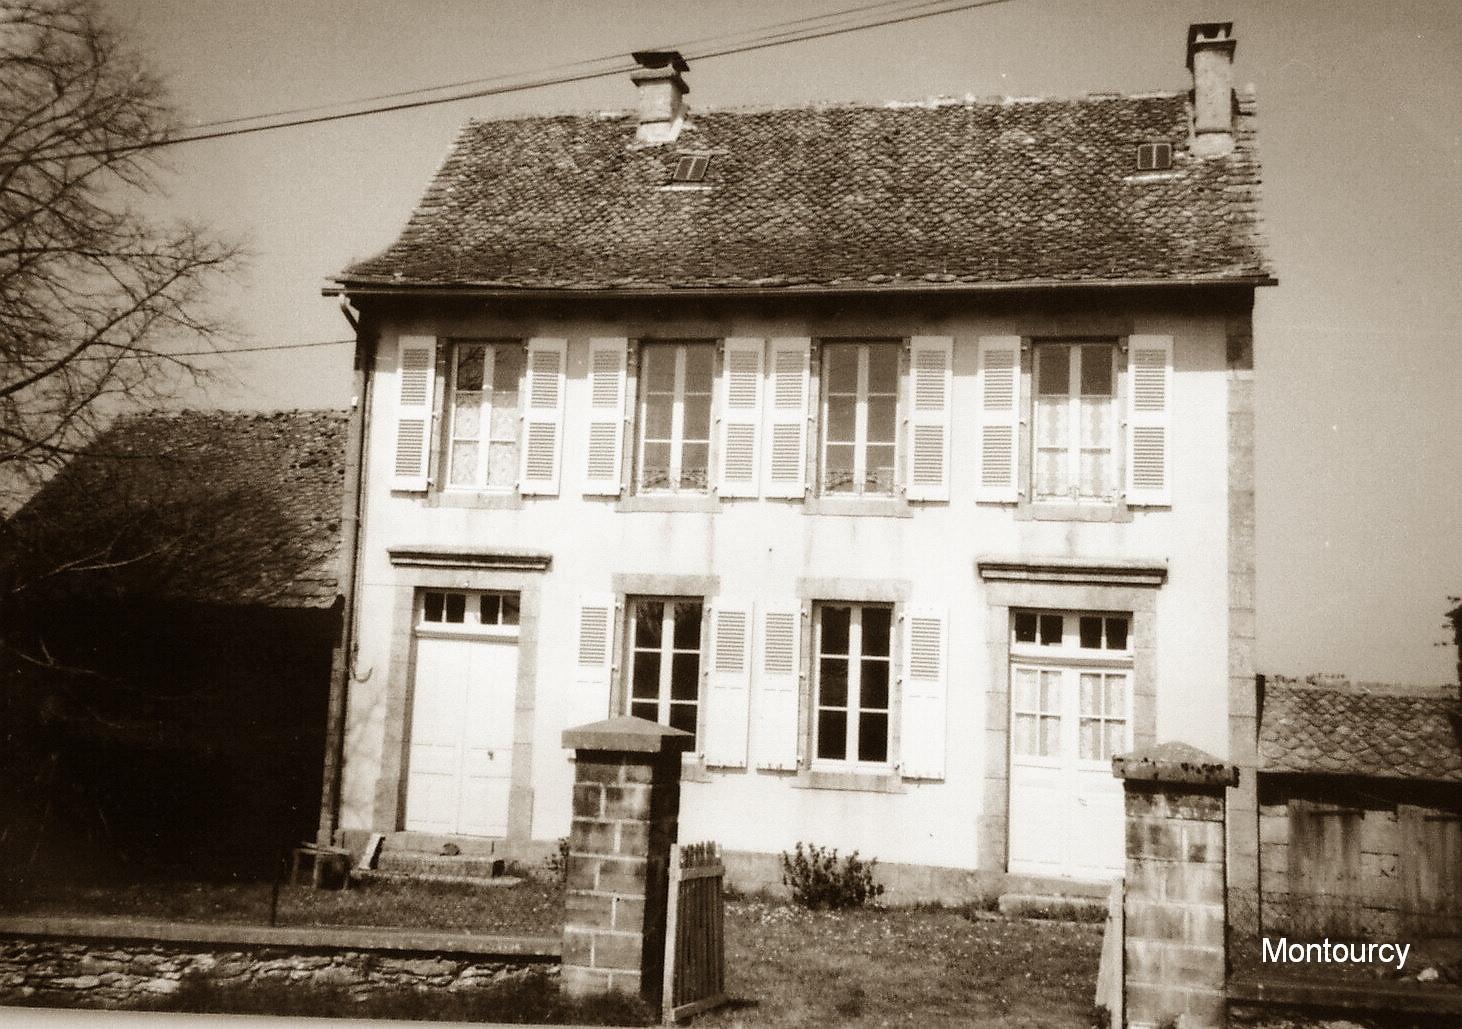 Maison d'école de Montourcy (Junhac)